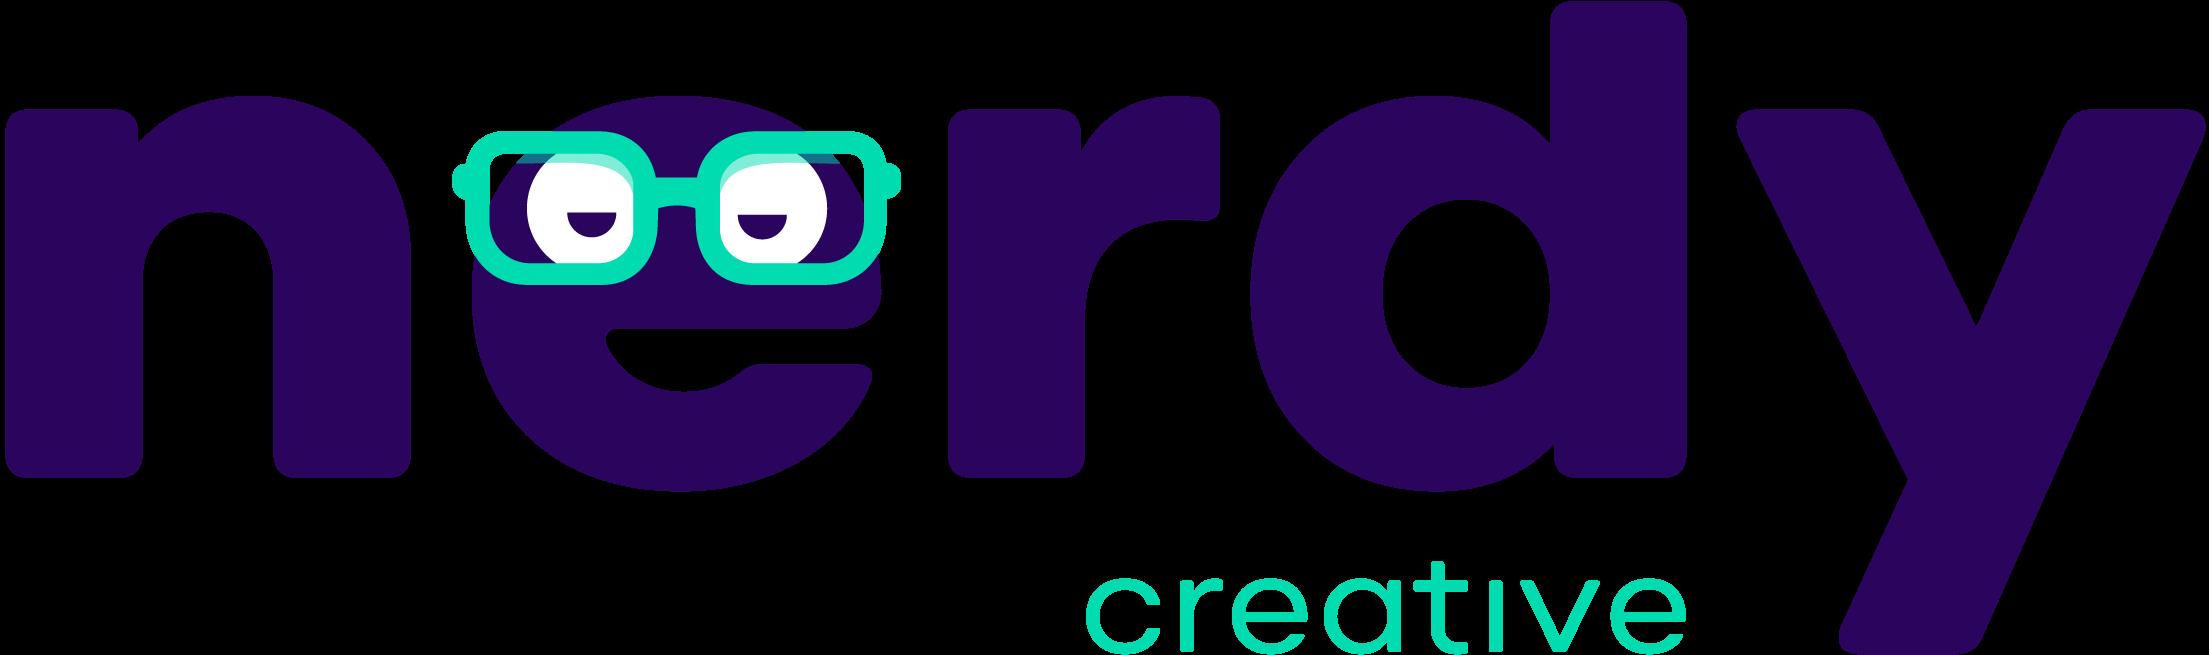 Nerdy Creative Sh.p.k